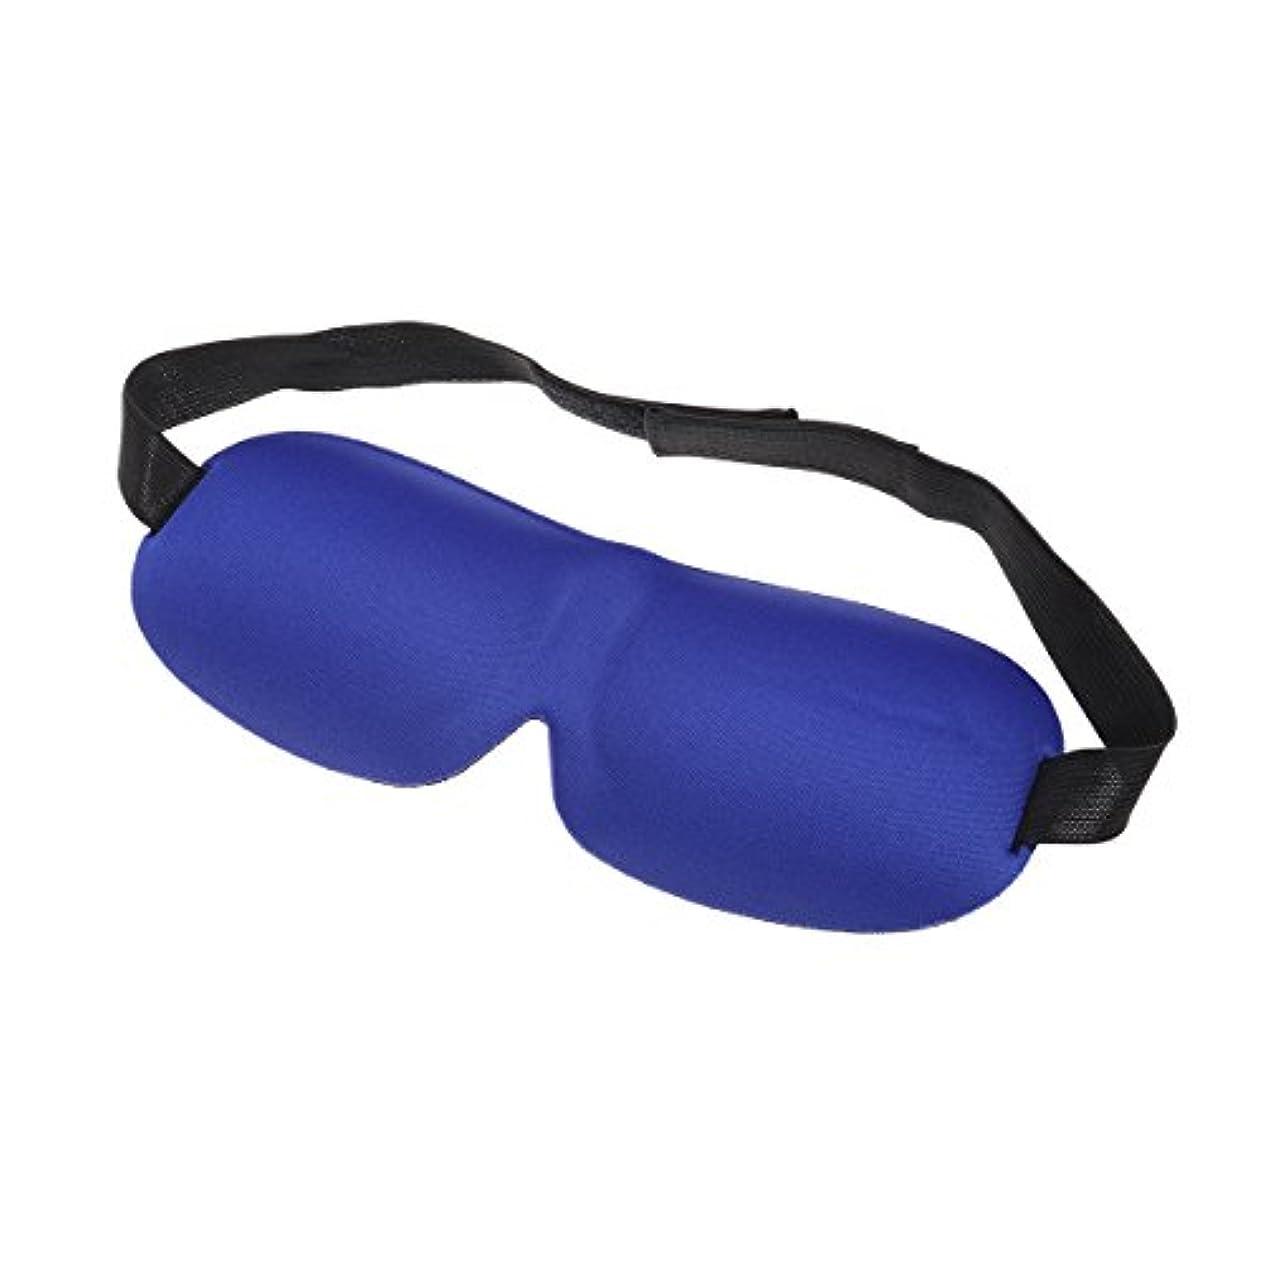 ベル印をつける一緒ROSENICE アイマスク 遮光 睡眠 軽量 目隠し 圧迫感なし 調節可能 3D睡眠マスク(ブルー)